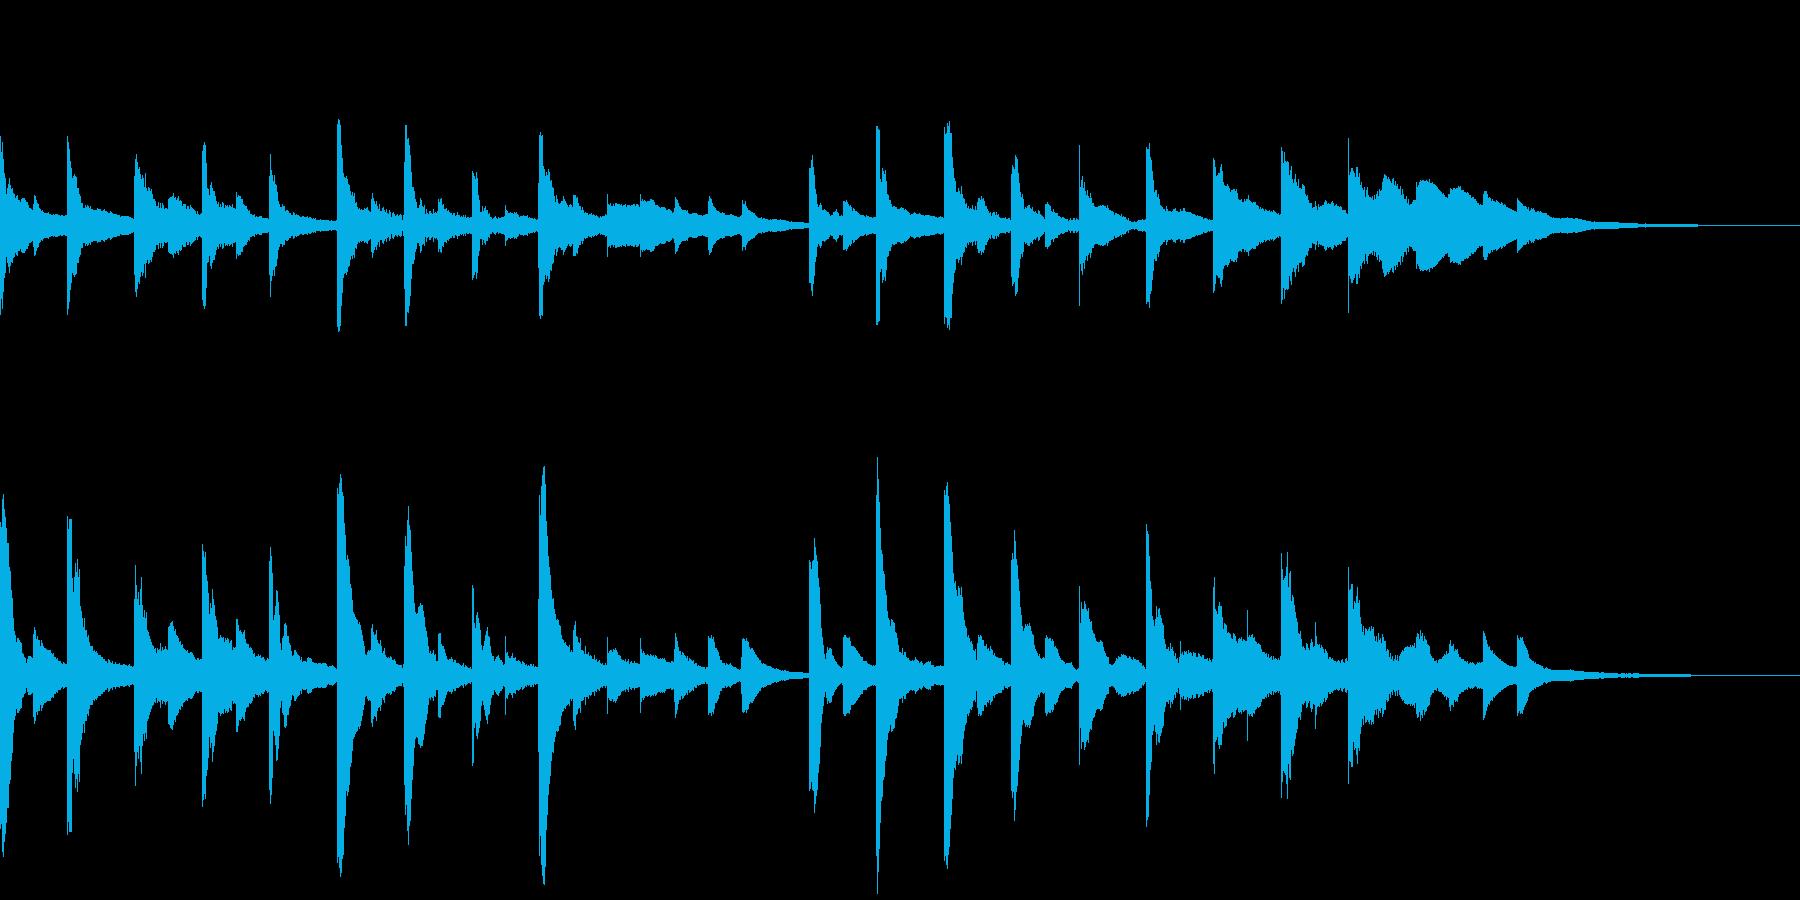 きらきらリズミカルなグロッケンの再生済みの波形